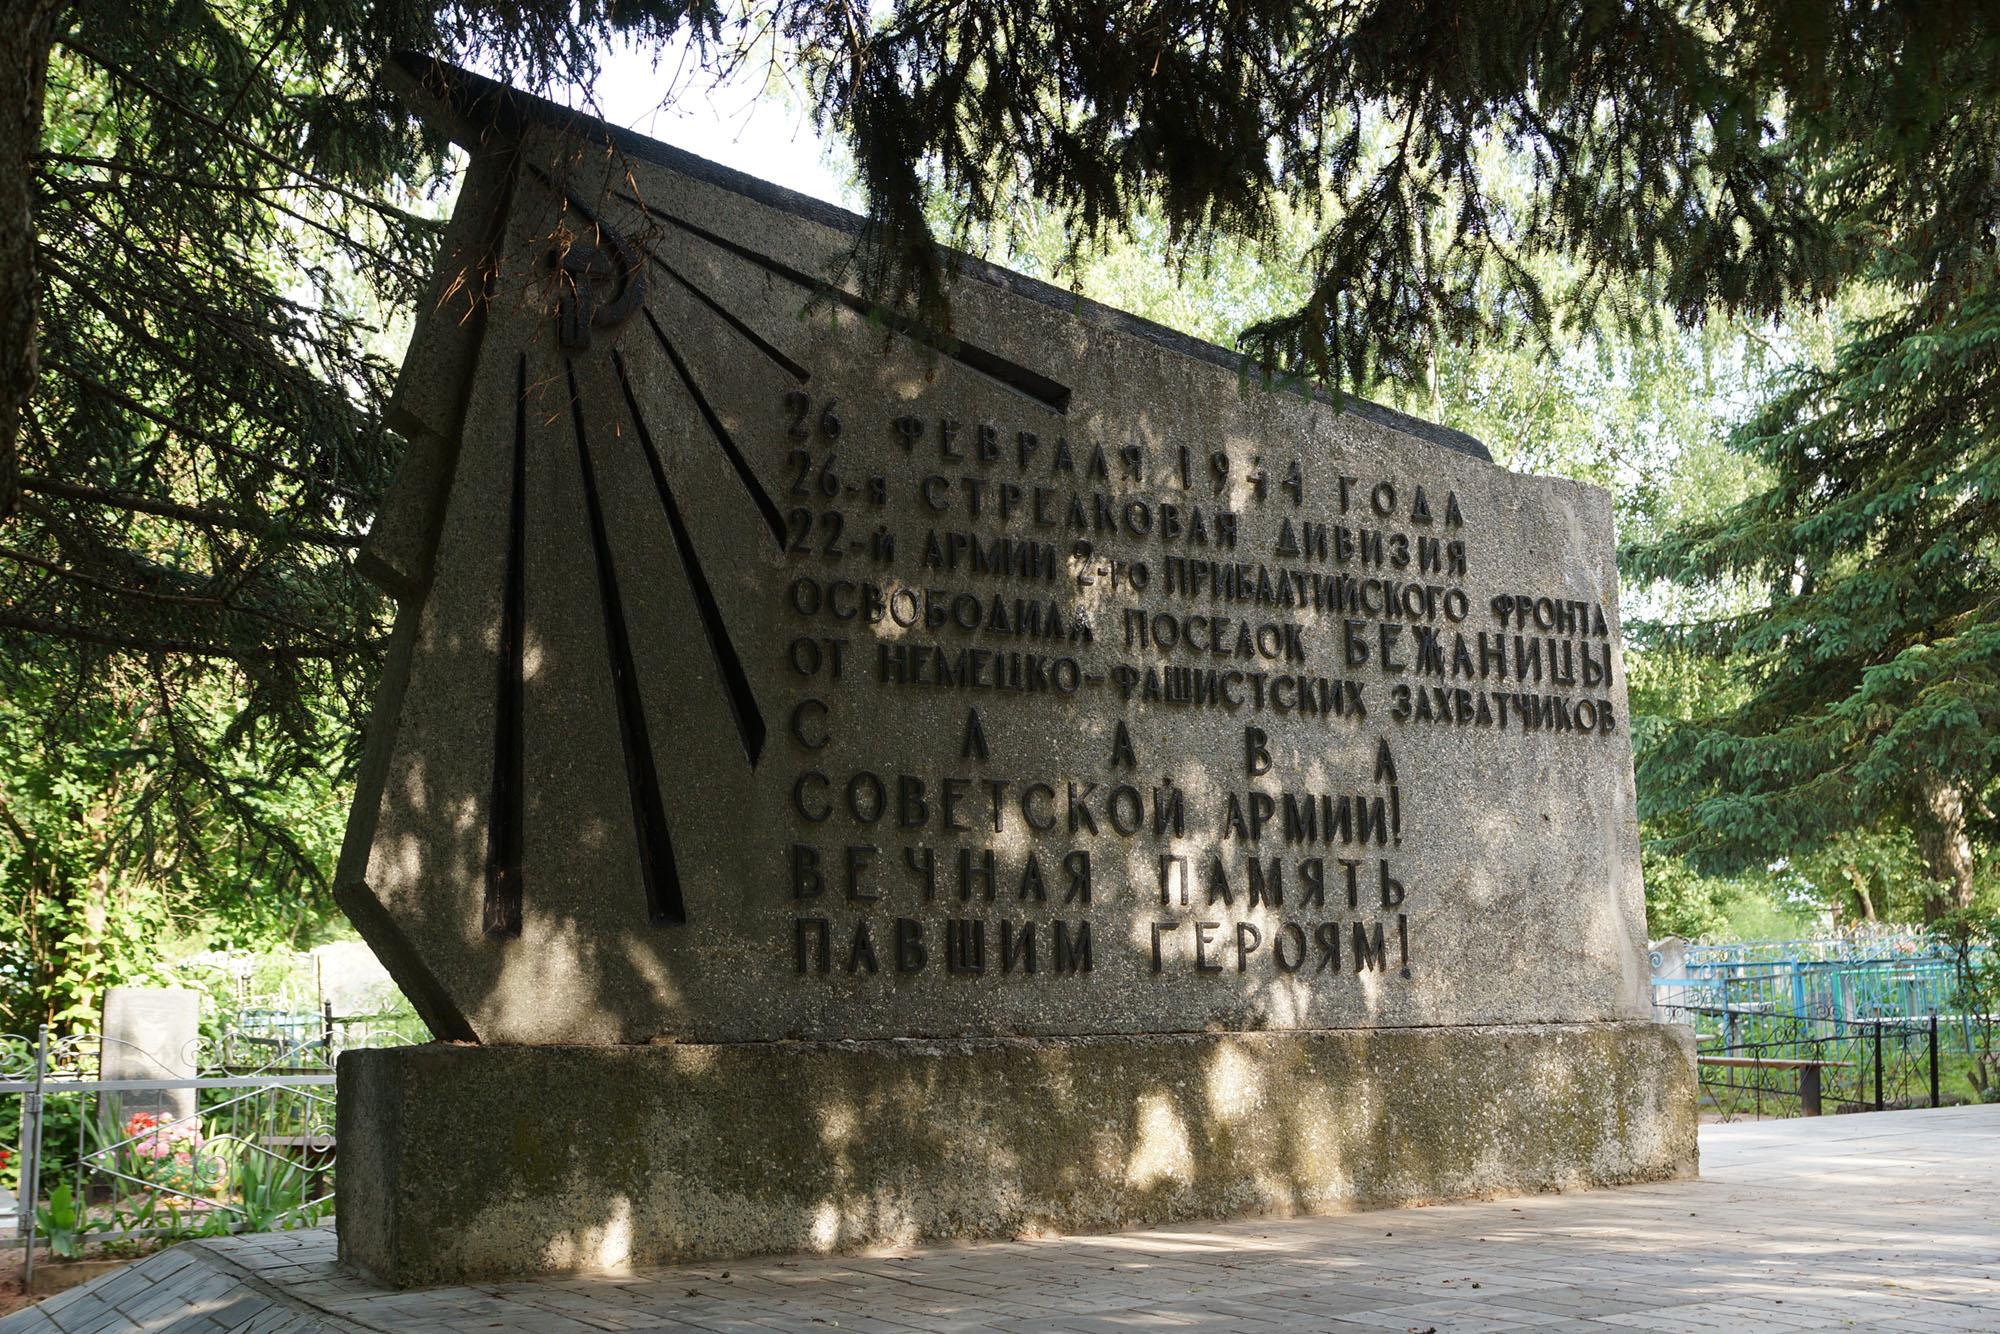 Бежаницы, Псковская область. Памятный знак в честь 26-й стрелковой дивизии 22-й армии 2-го Прибалтийского фронта.